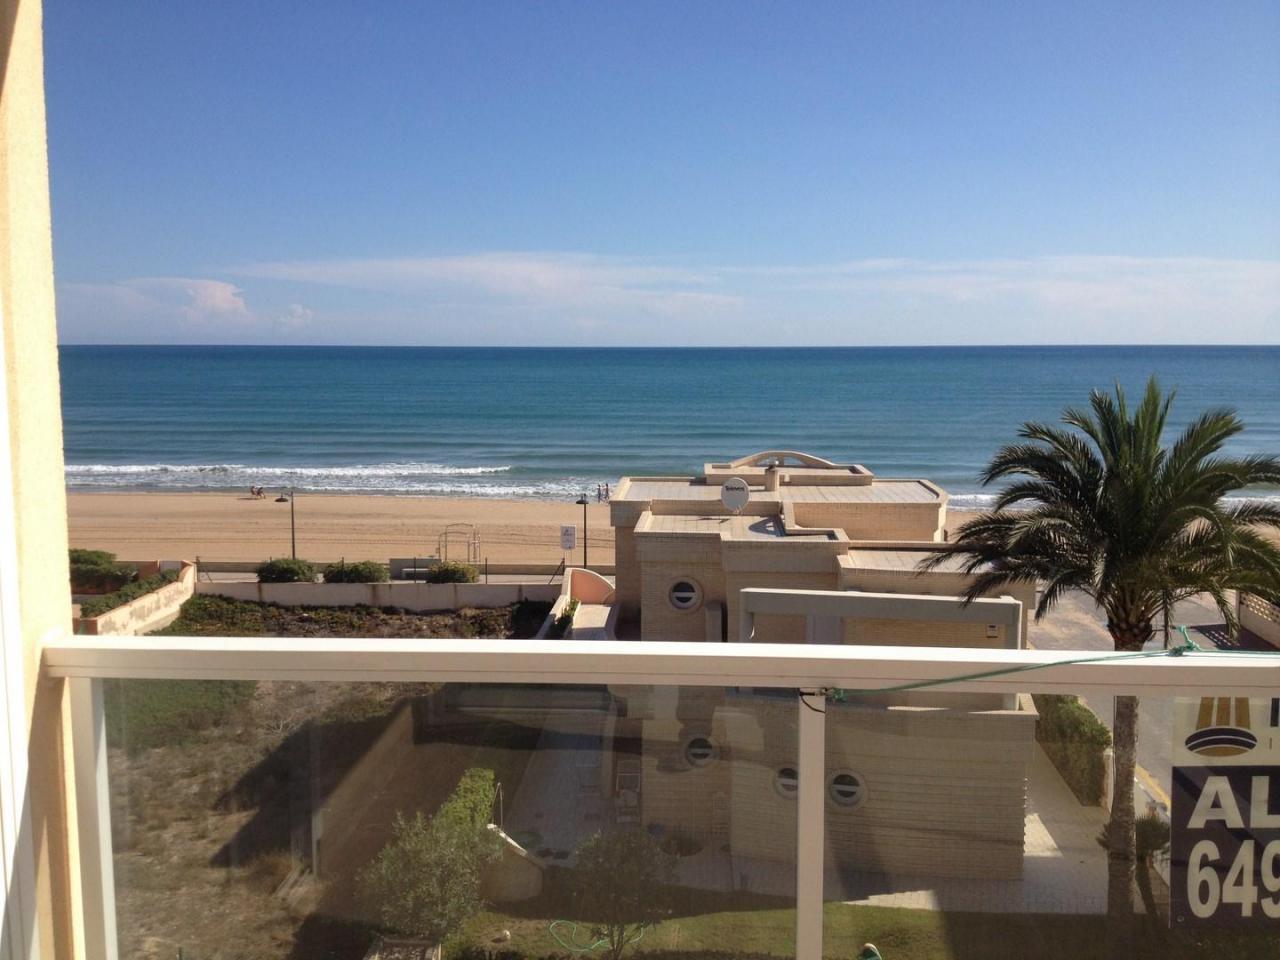 Alquiler vacaciones en Guardamar de la Safor, Valencia